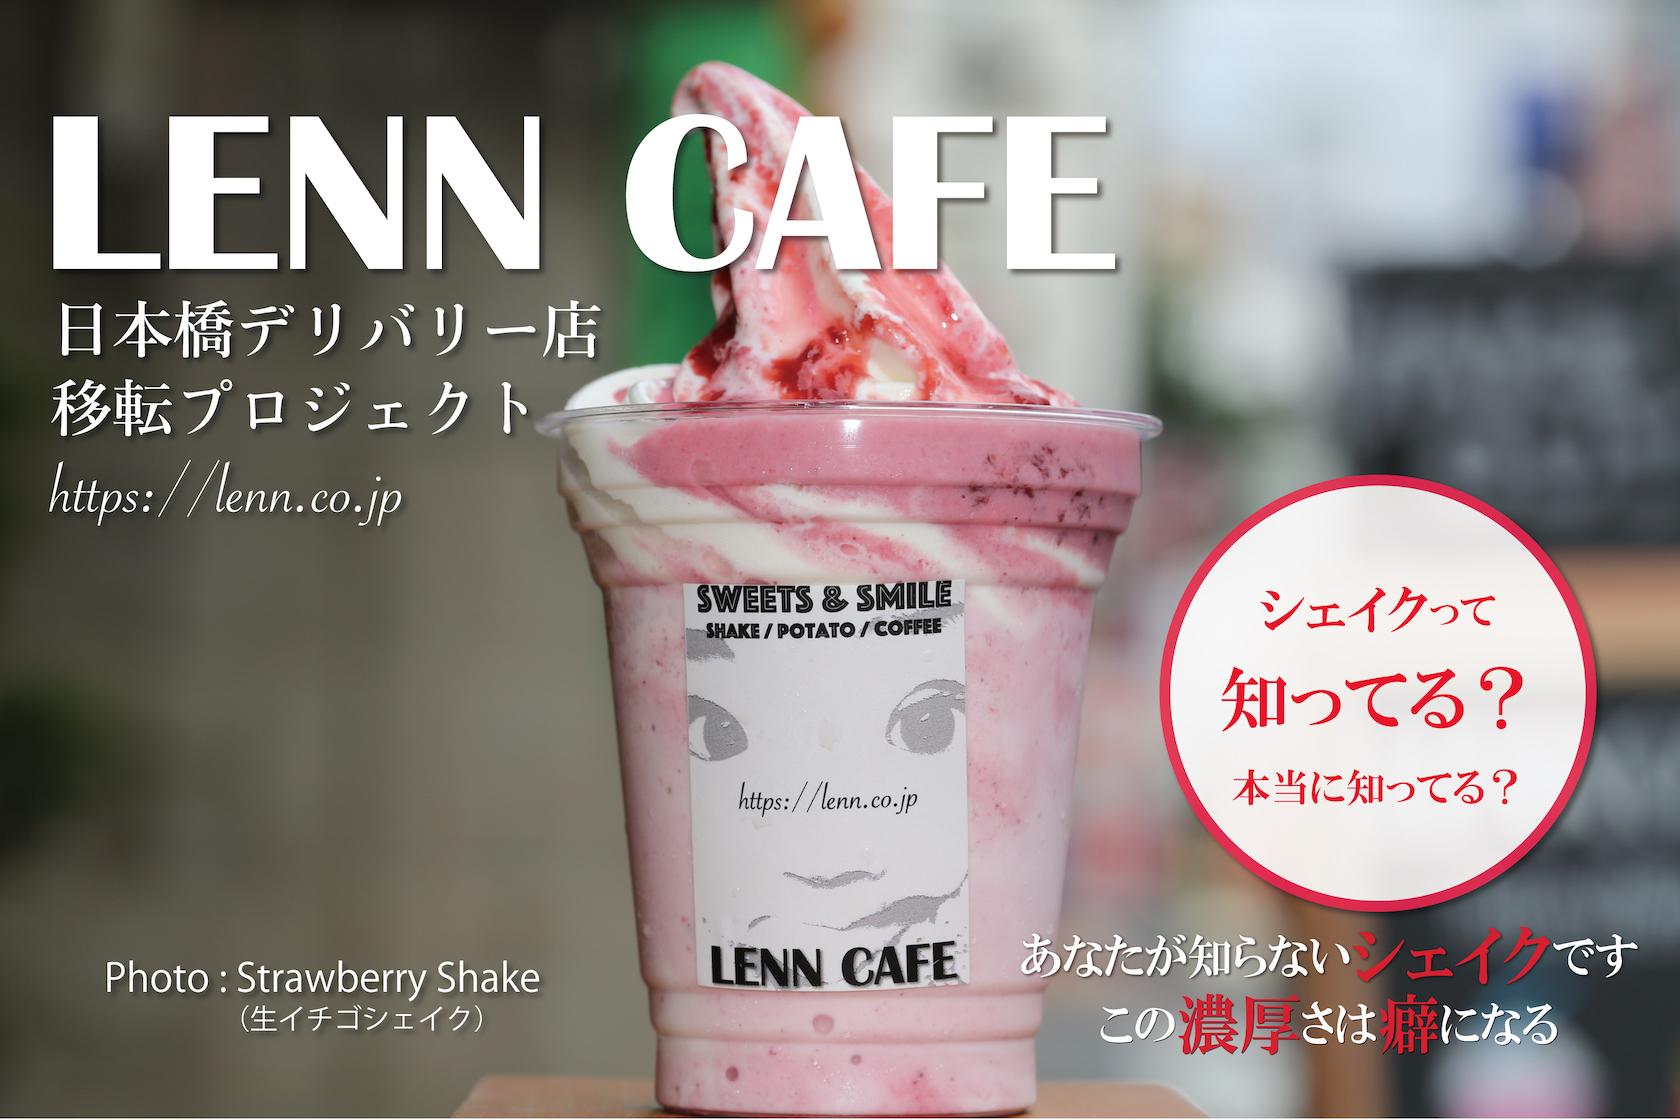 レンカフェ(LENN CAFE)日本橋店移転プロジェクト